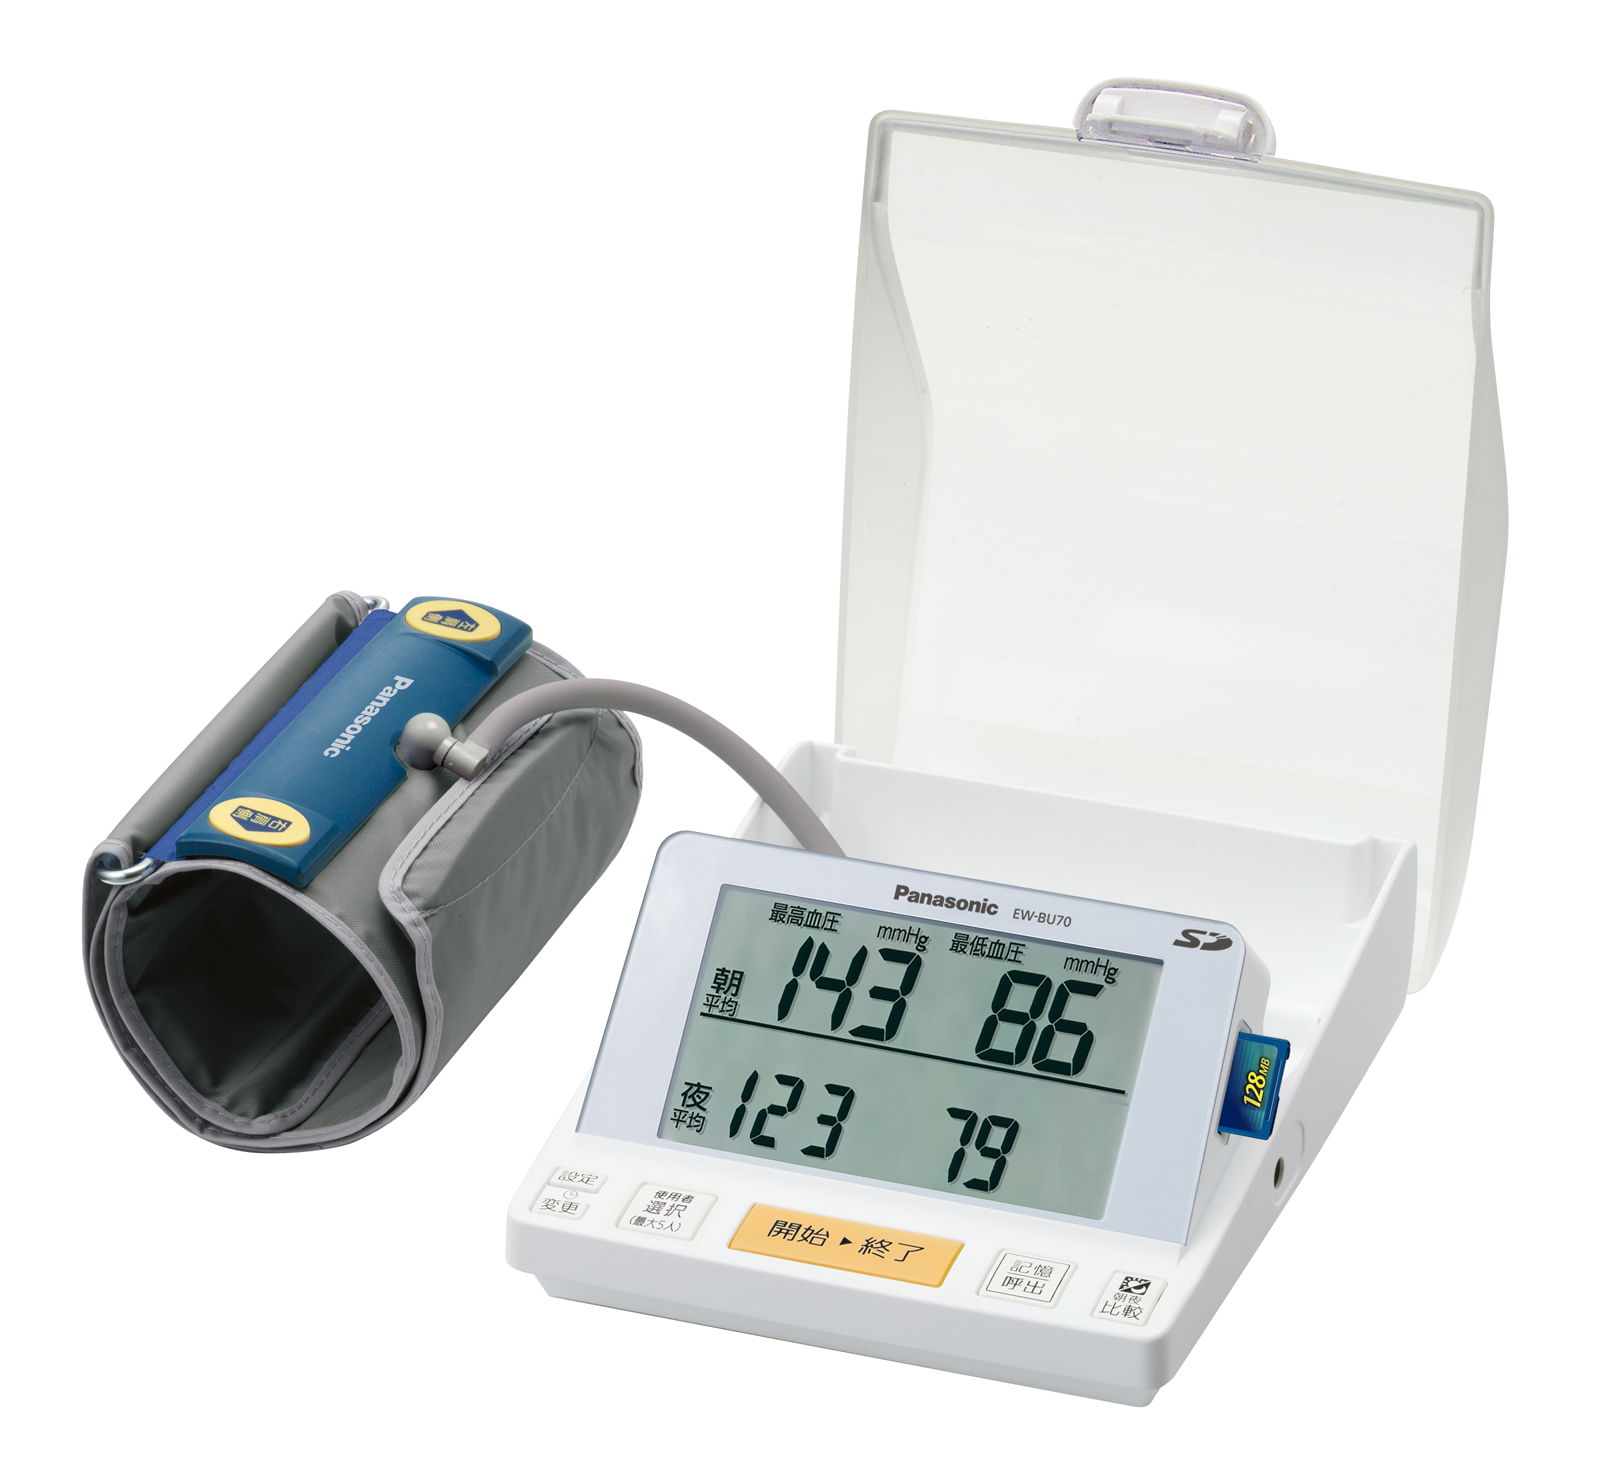 [EW-BU70] キュットカフ/ワイド液晶/SDメモリーカードスロットを搭載した上腕血圧計。価格はオープン